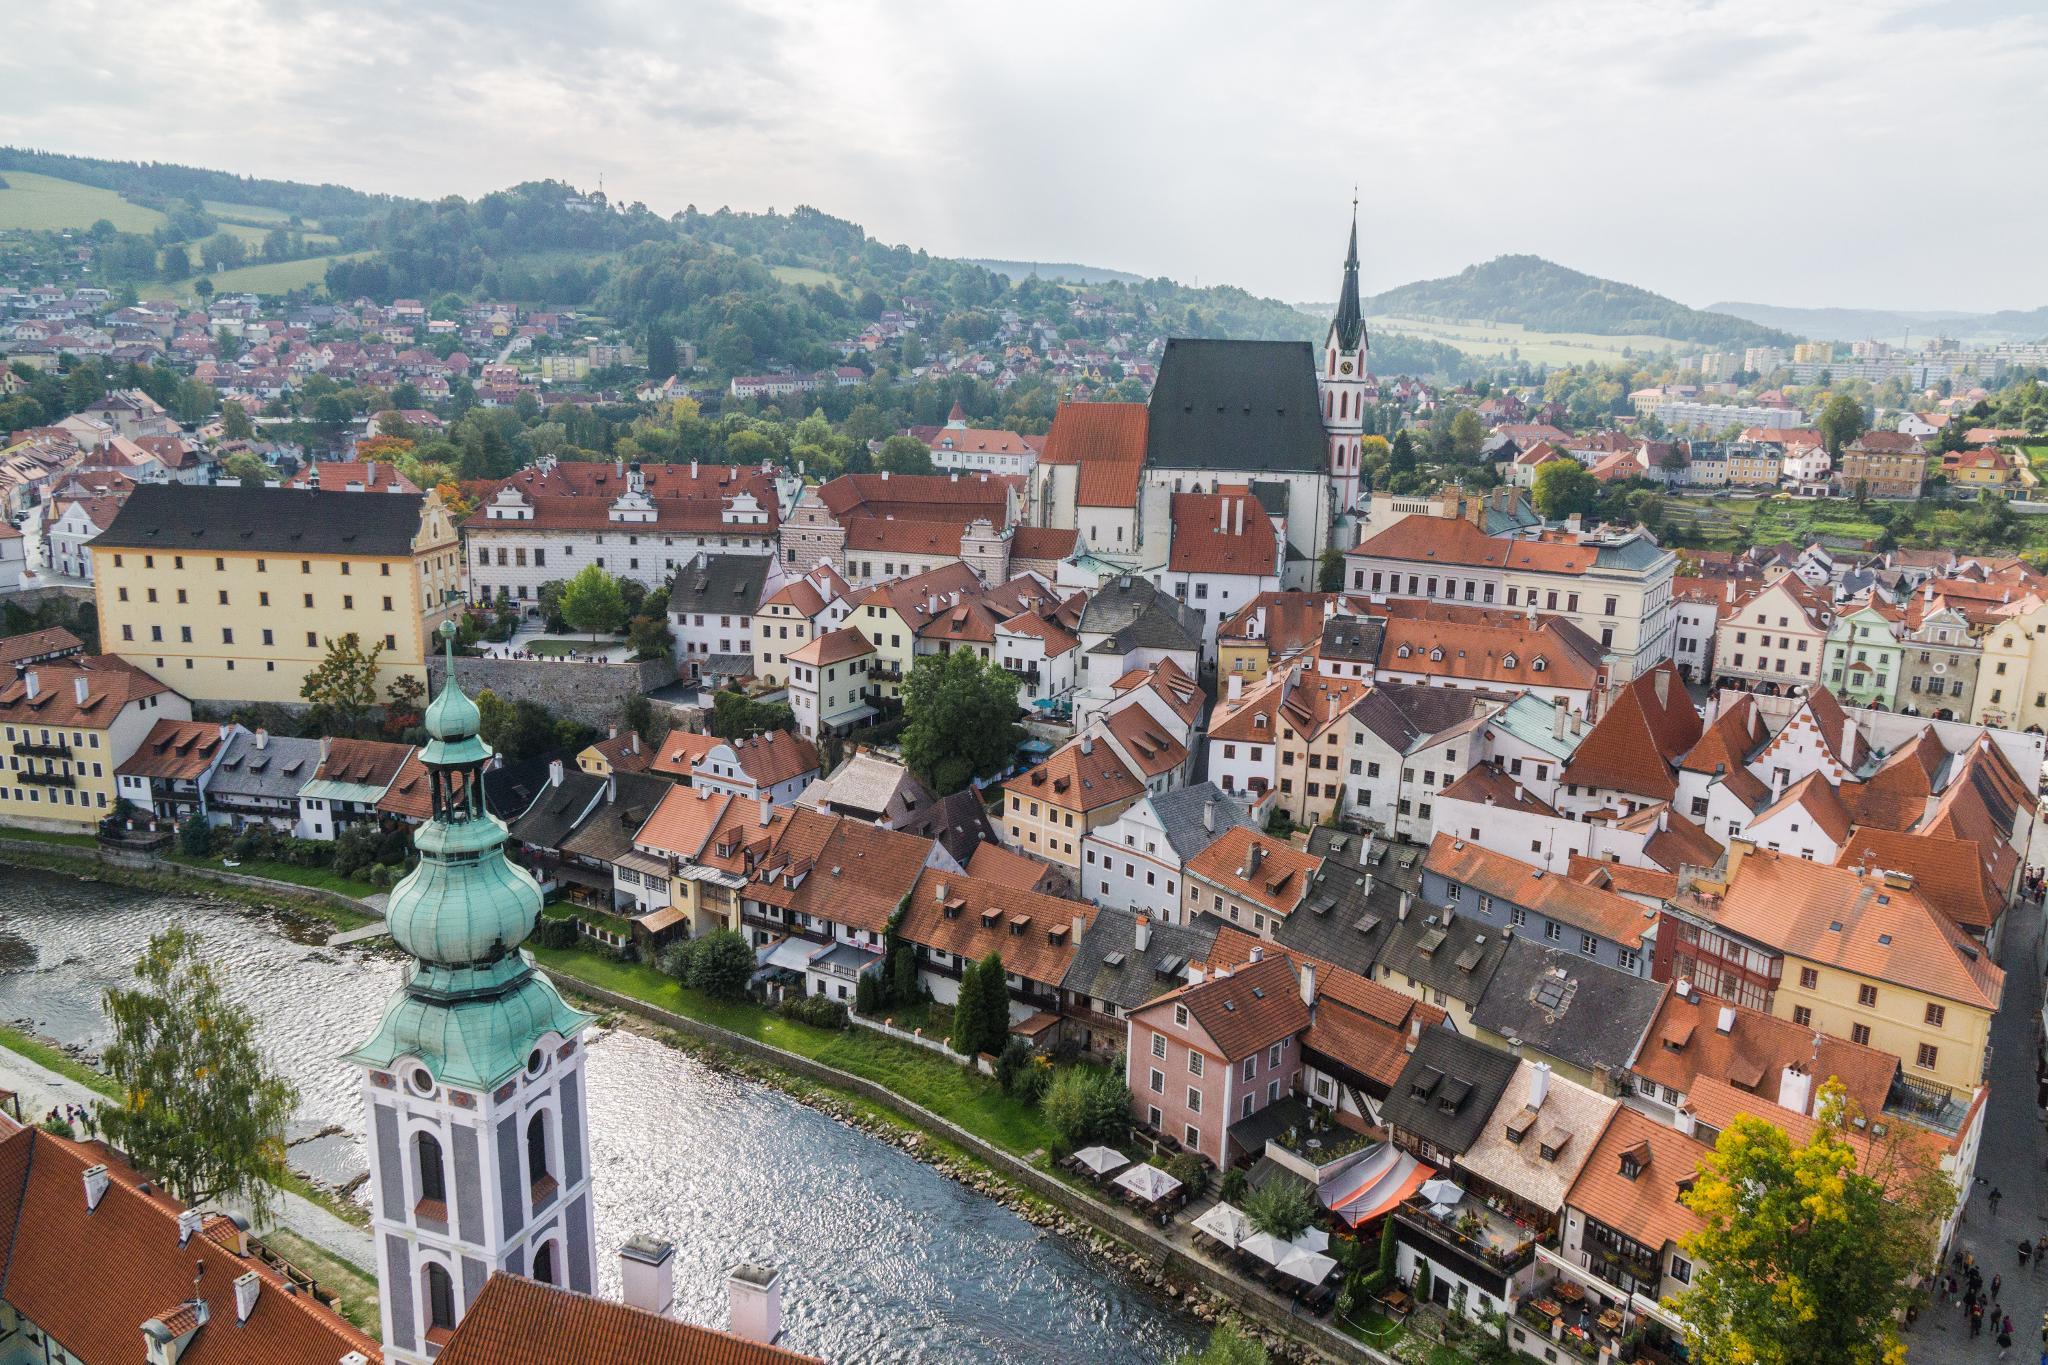 【捷克】穿越時空的波希米亞狂想曲 — Český Krumlov Castle 庫倫諾夫城堡 8